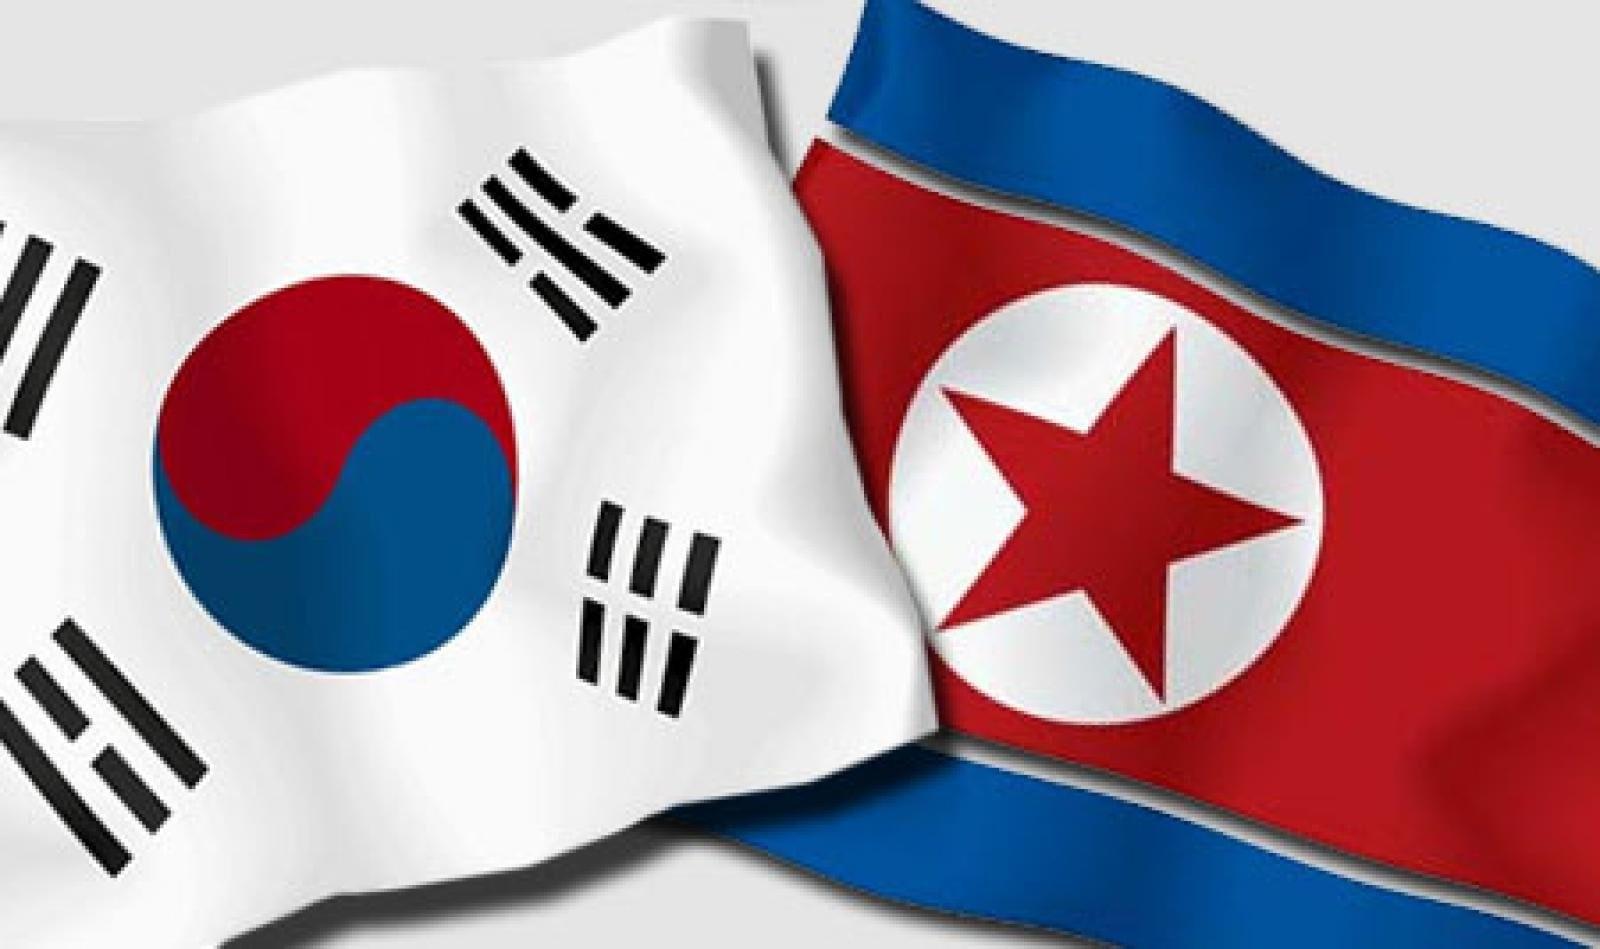 МИД РФ приветствует «первые контакты» между КНДР иЮжной Кореей